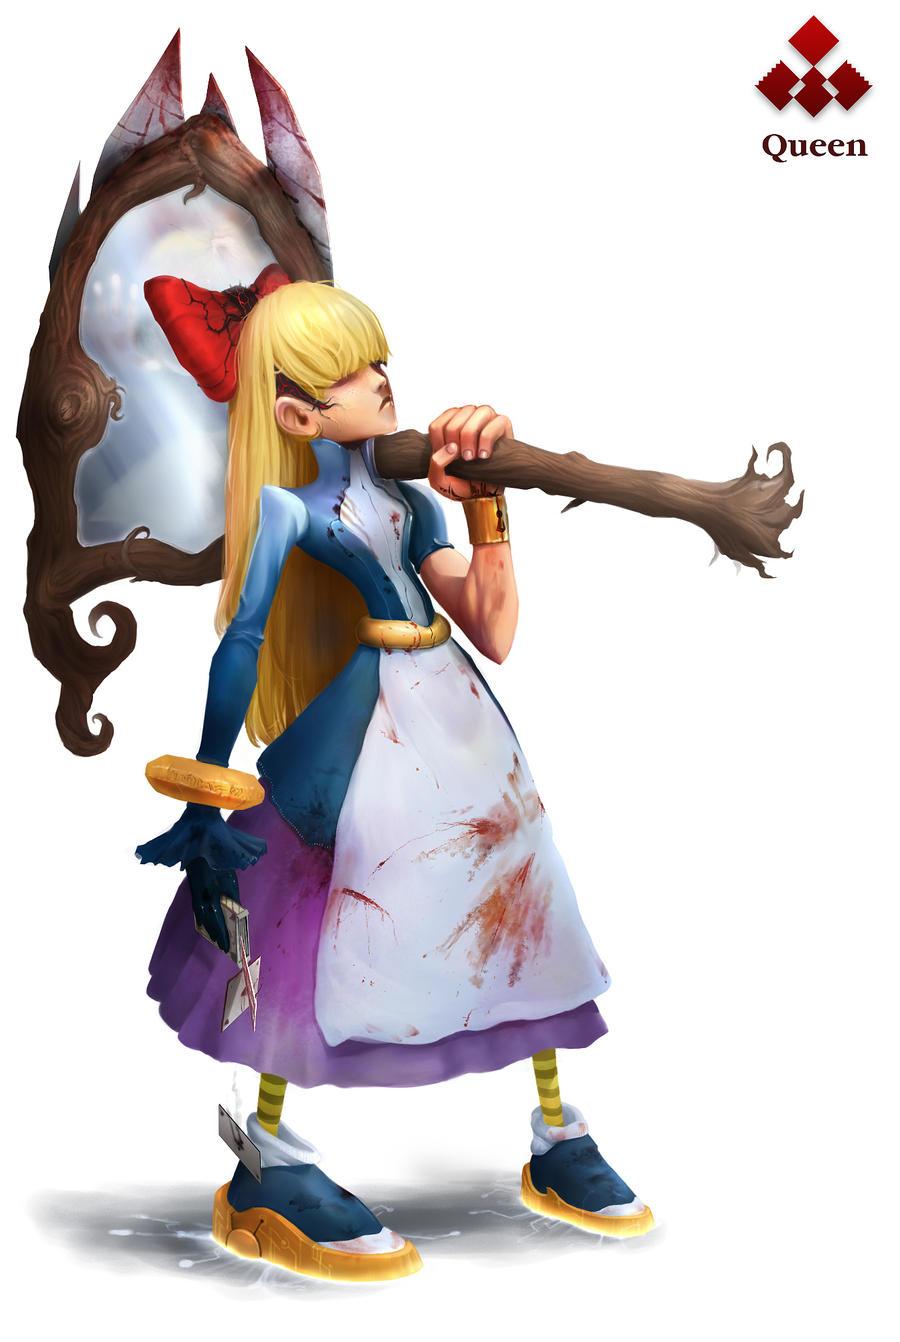 Mirror Alice - Queen in Twadro